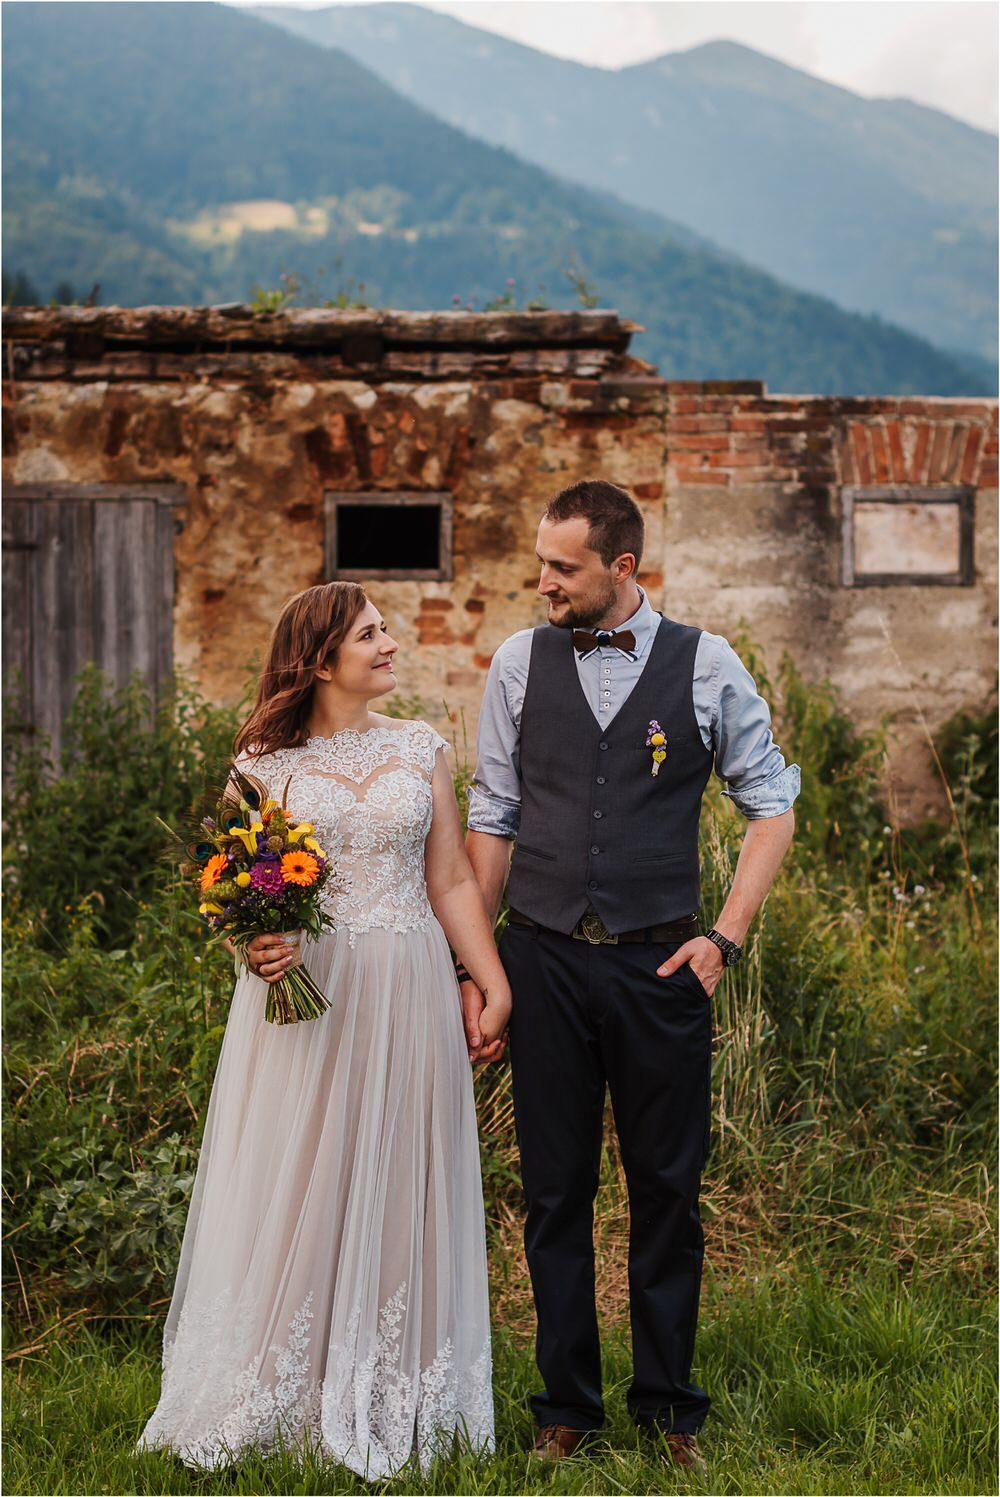 goriska brda poroka fotgorafija fotograf fotografiranje porocno kras primorska obala romanticna boho poroka rustikalna nika grega 0050.jpg